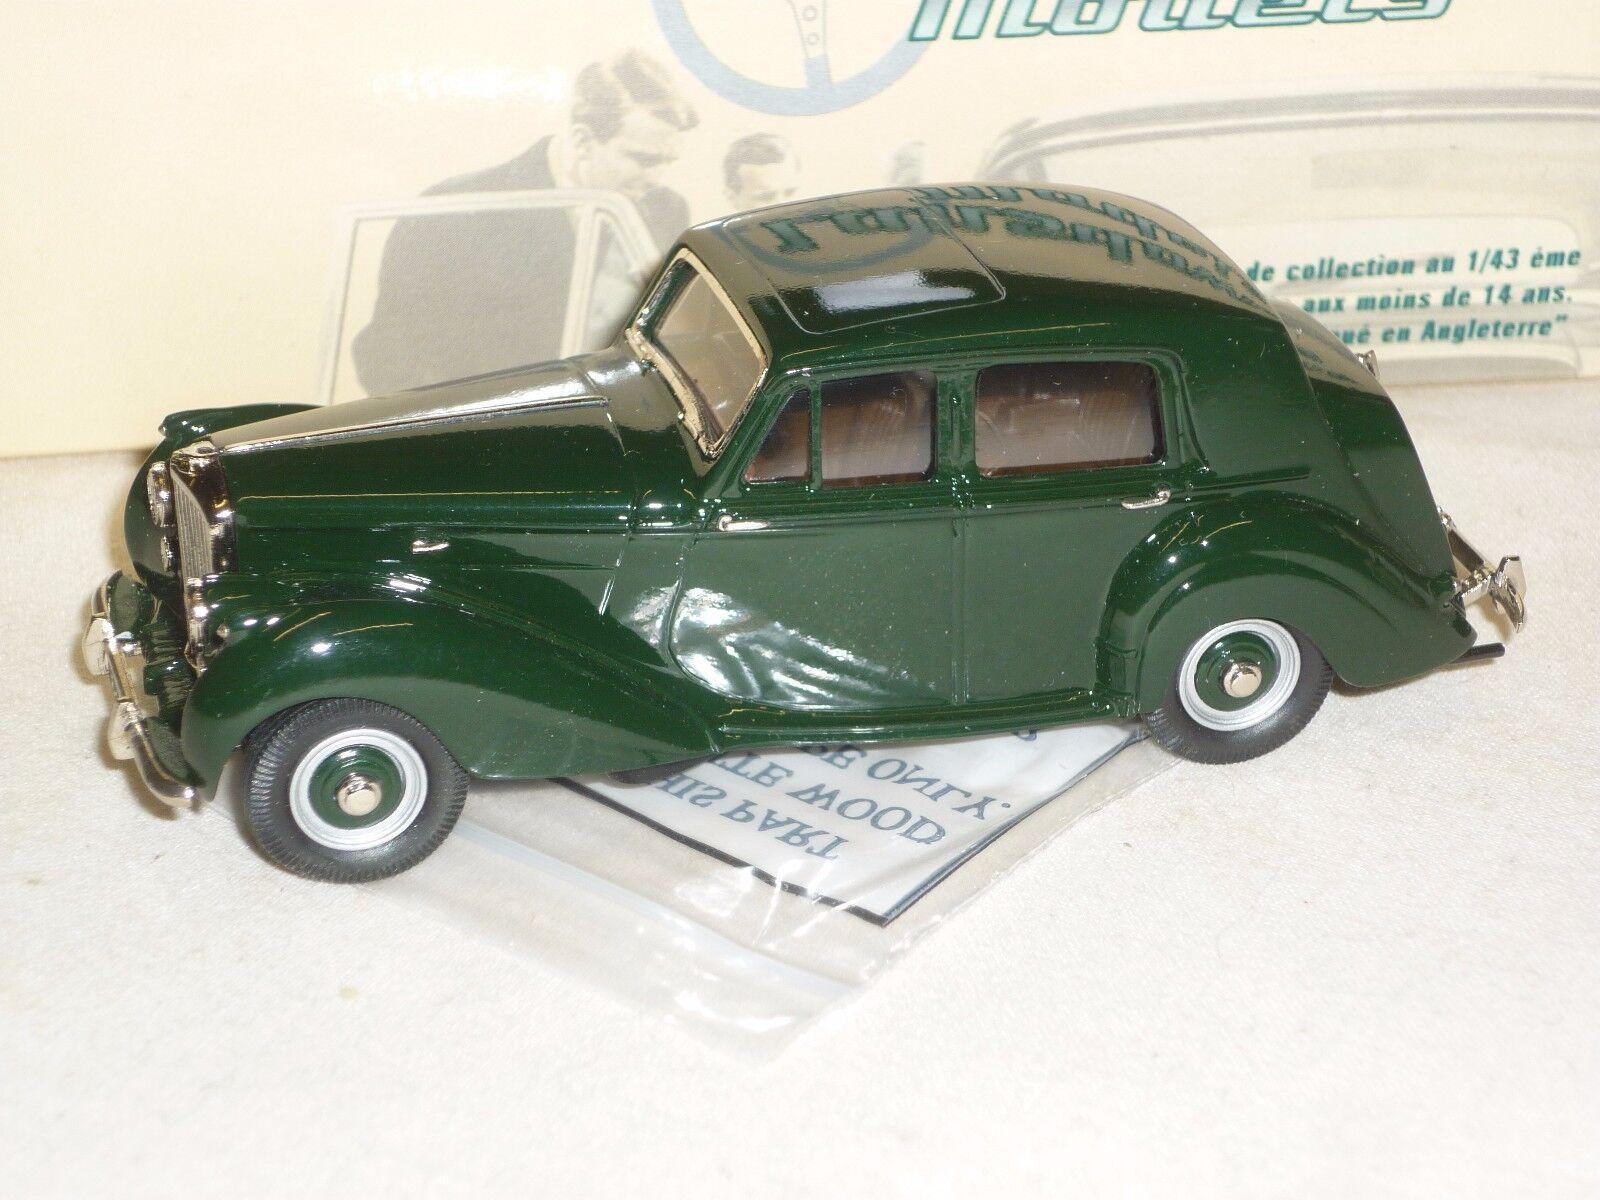 a la venta Lansdowne Modelos LDM64, 1946 51 Bentley MK VI VI VI 4 puertas sedán (MB)  promocionales de incentivo